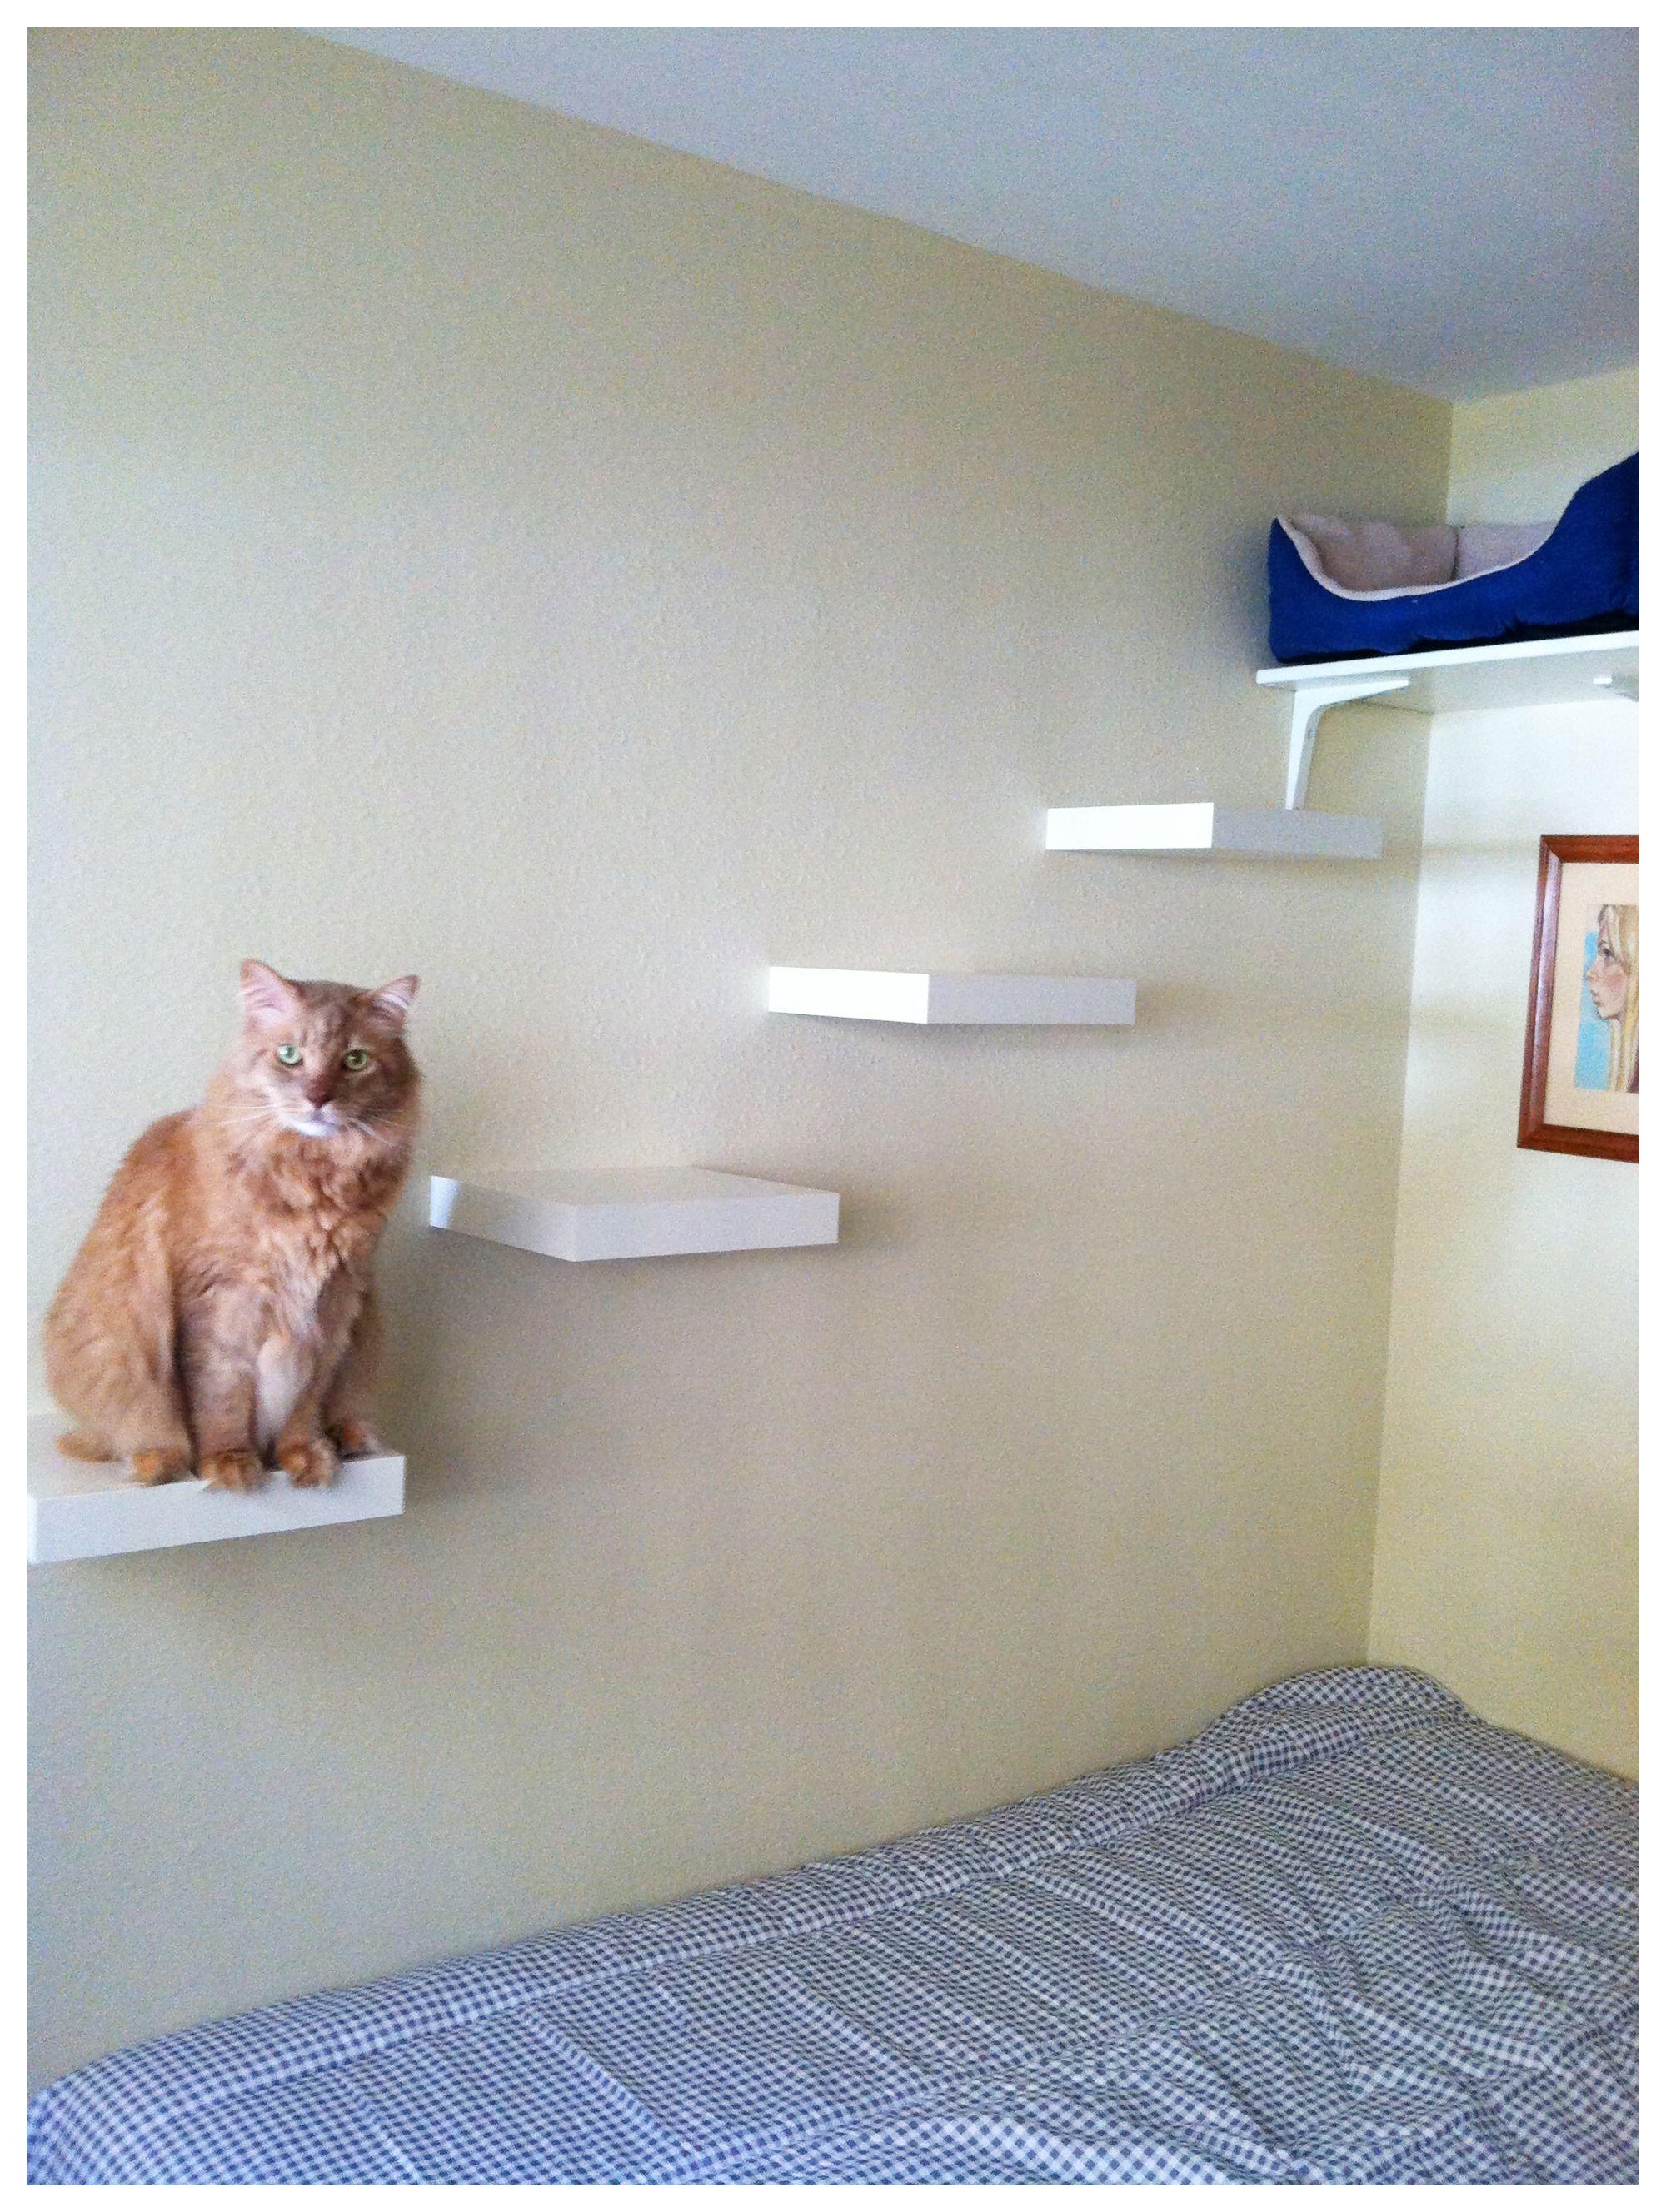 Estanterias para gatos DIY Cat shelves, Cat room, Ikea